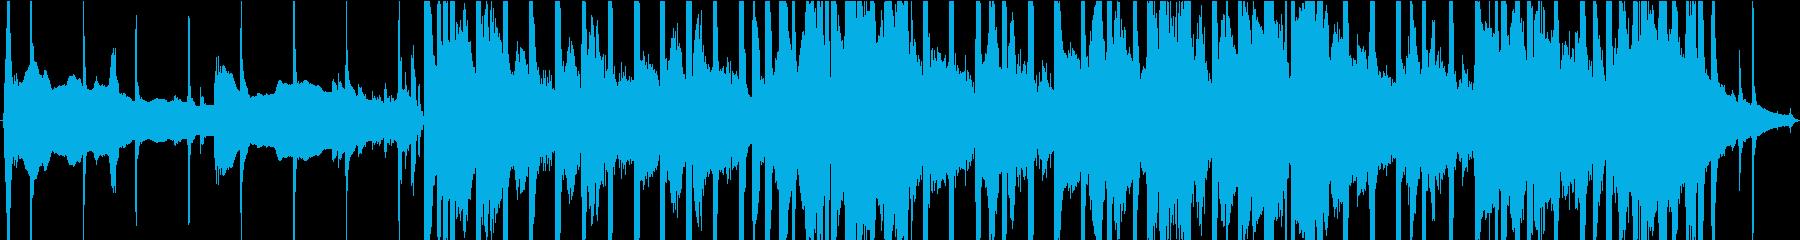 デジタル感のある30秒ジングルの再生済みの波形